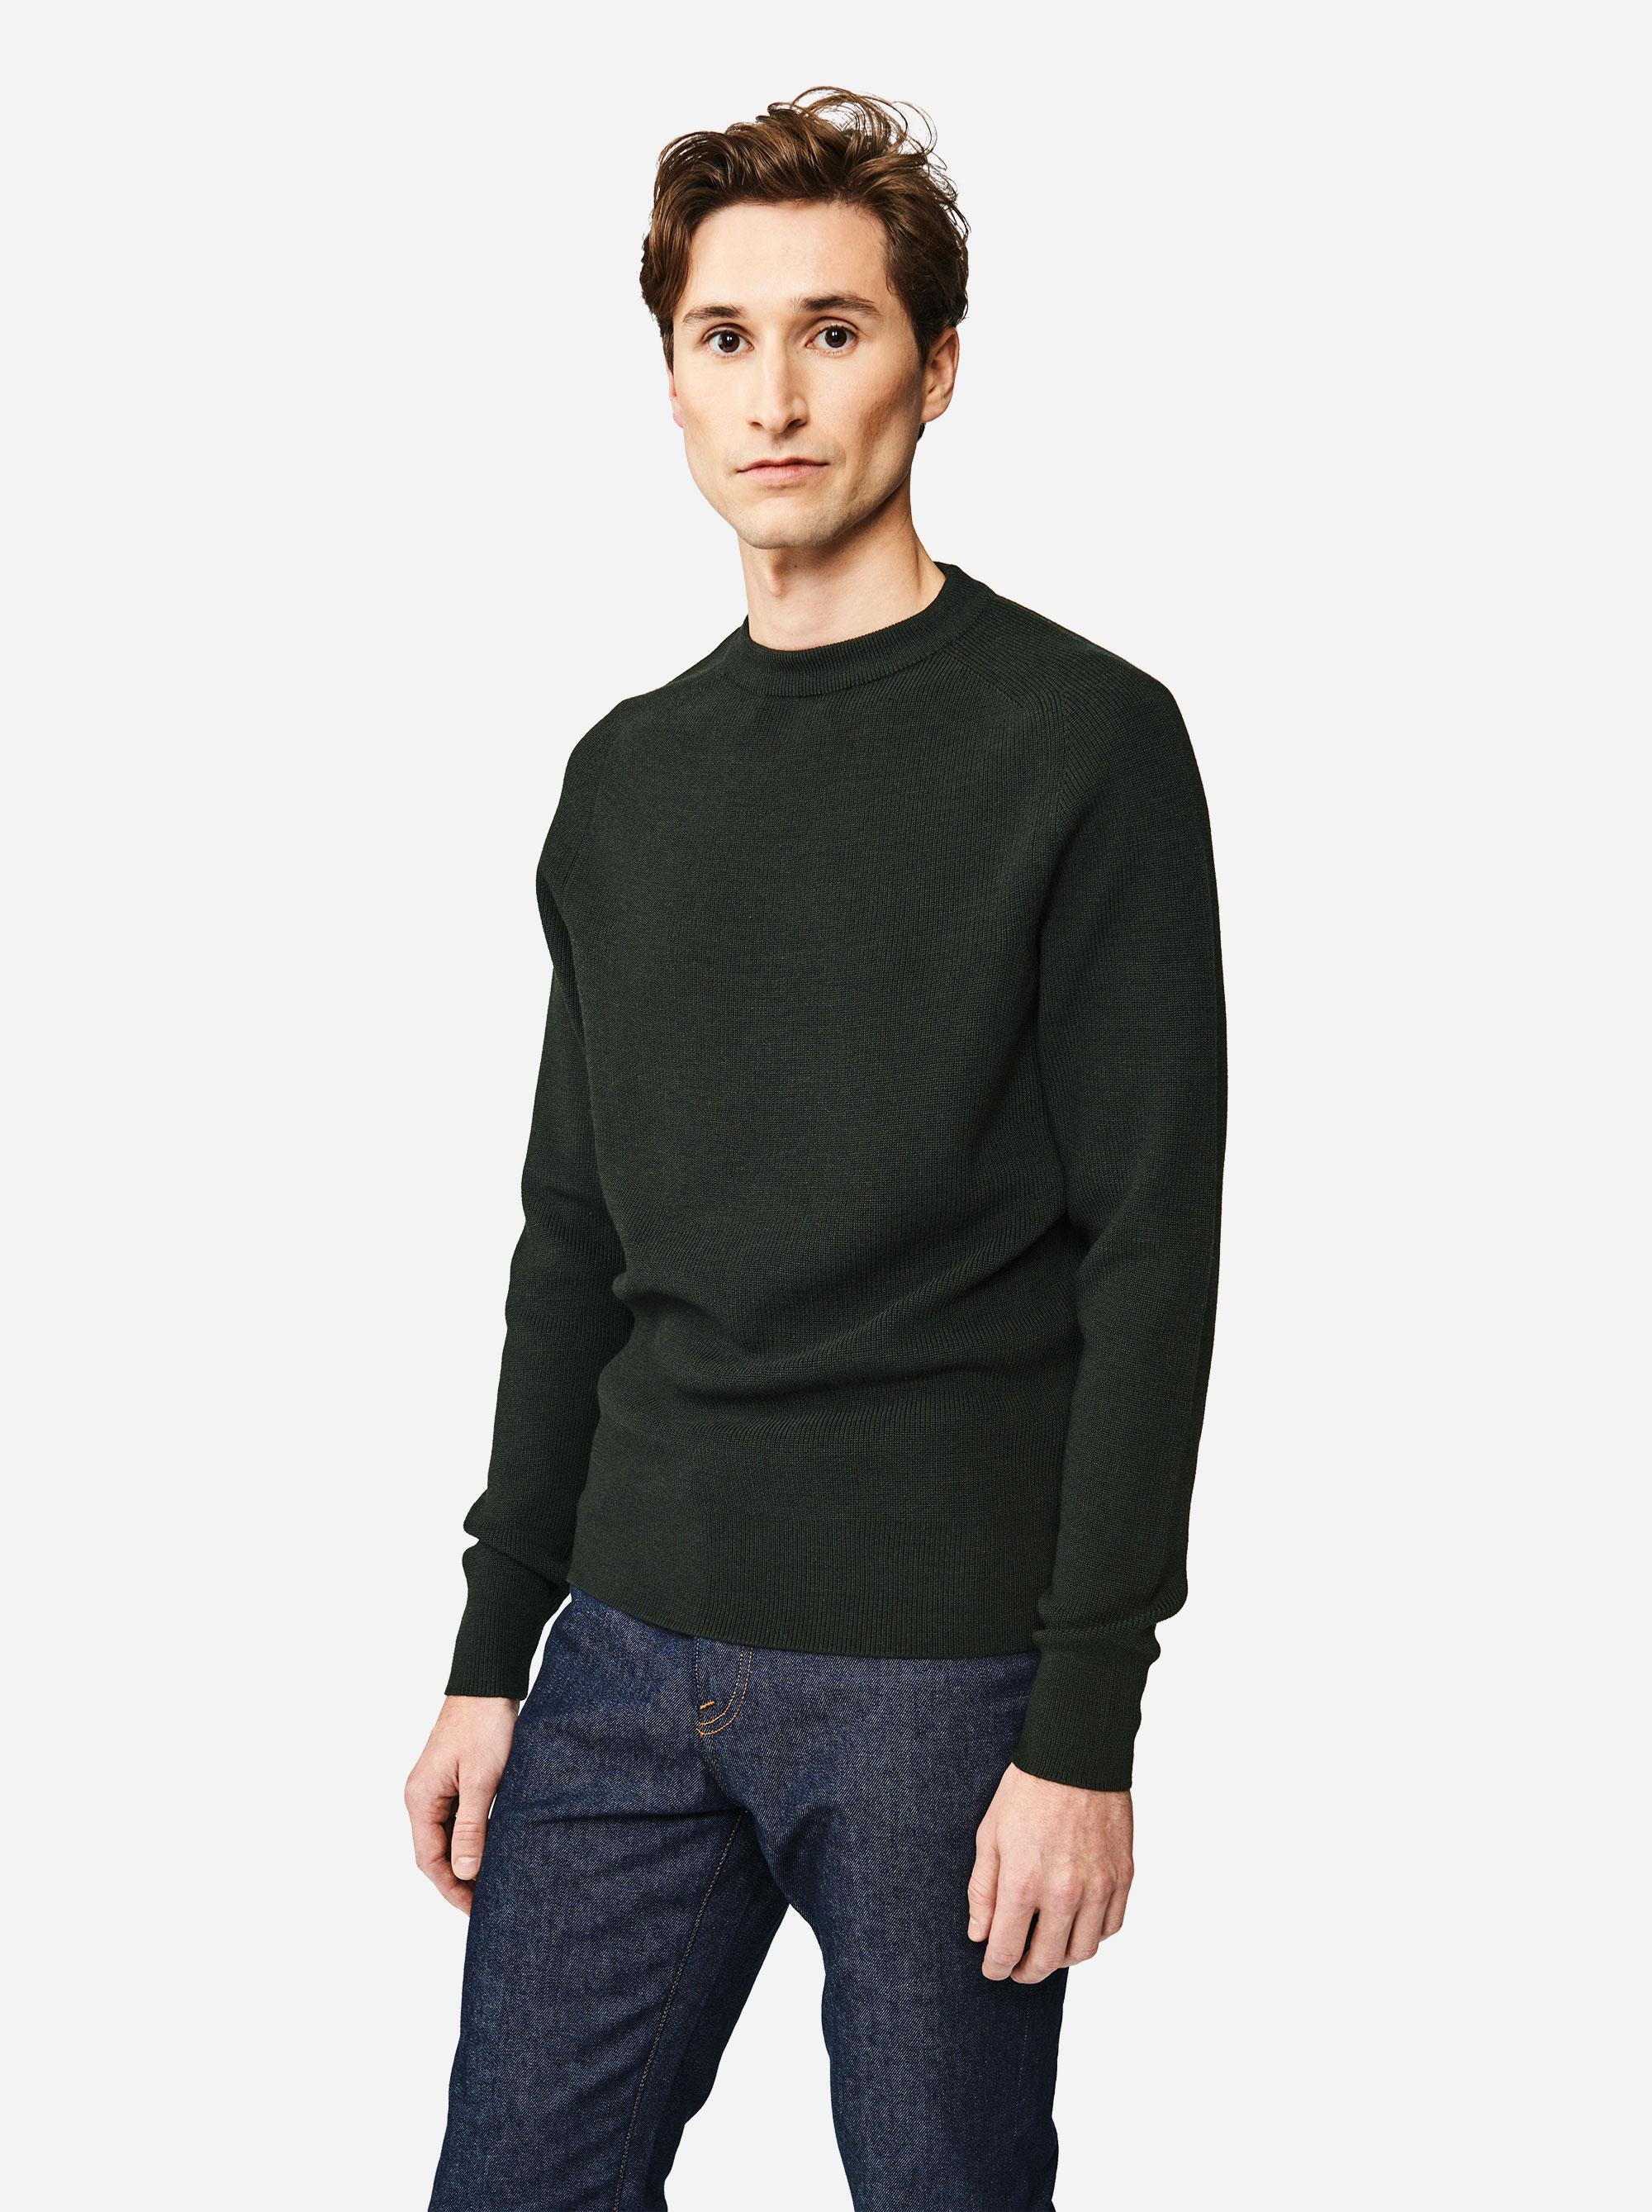 Teym - The Merino Sweater - Men - Green - 1